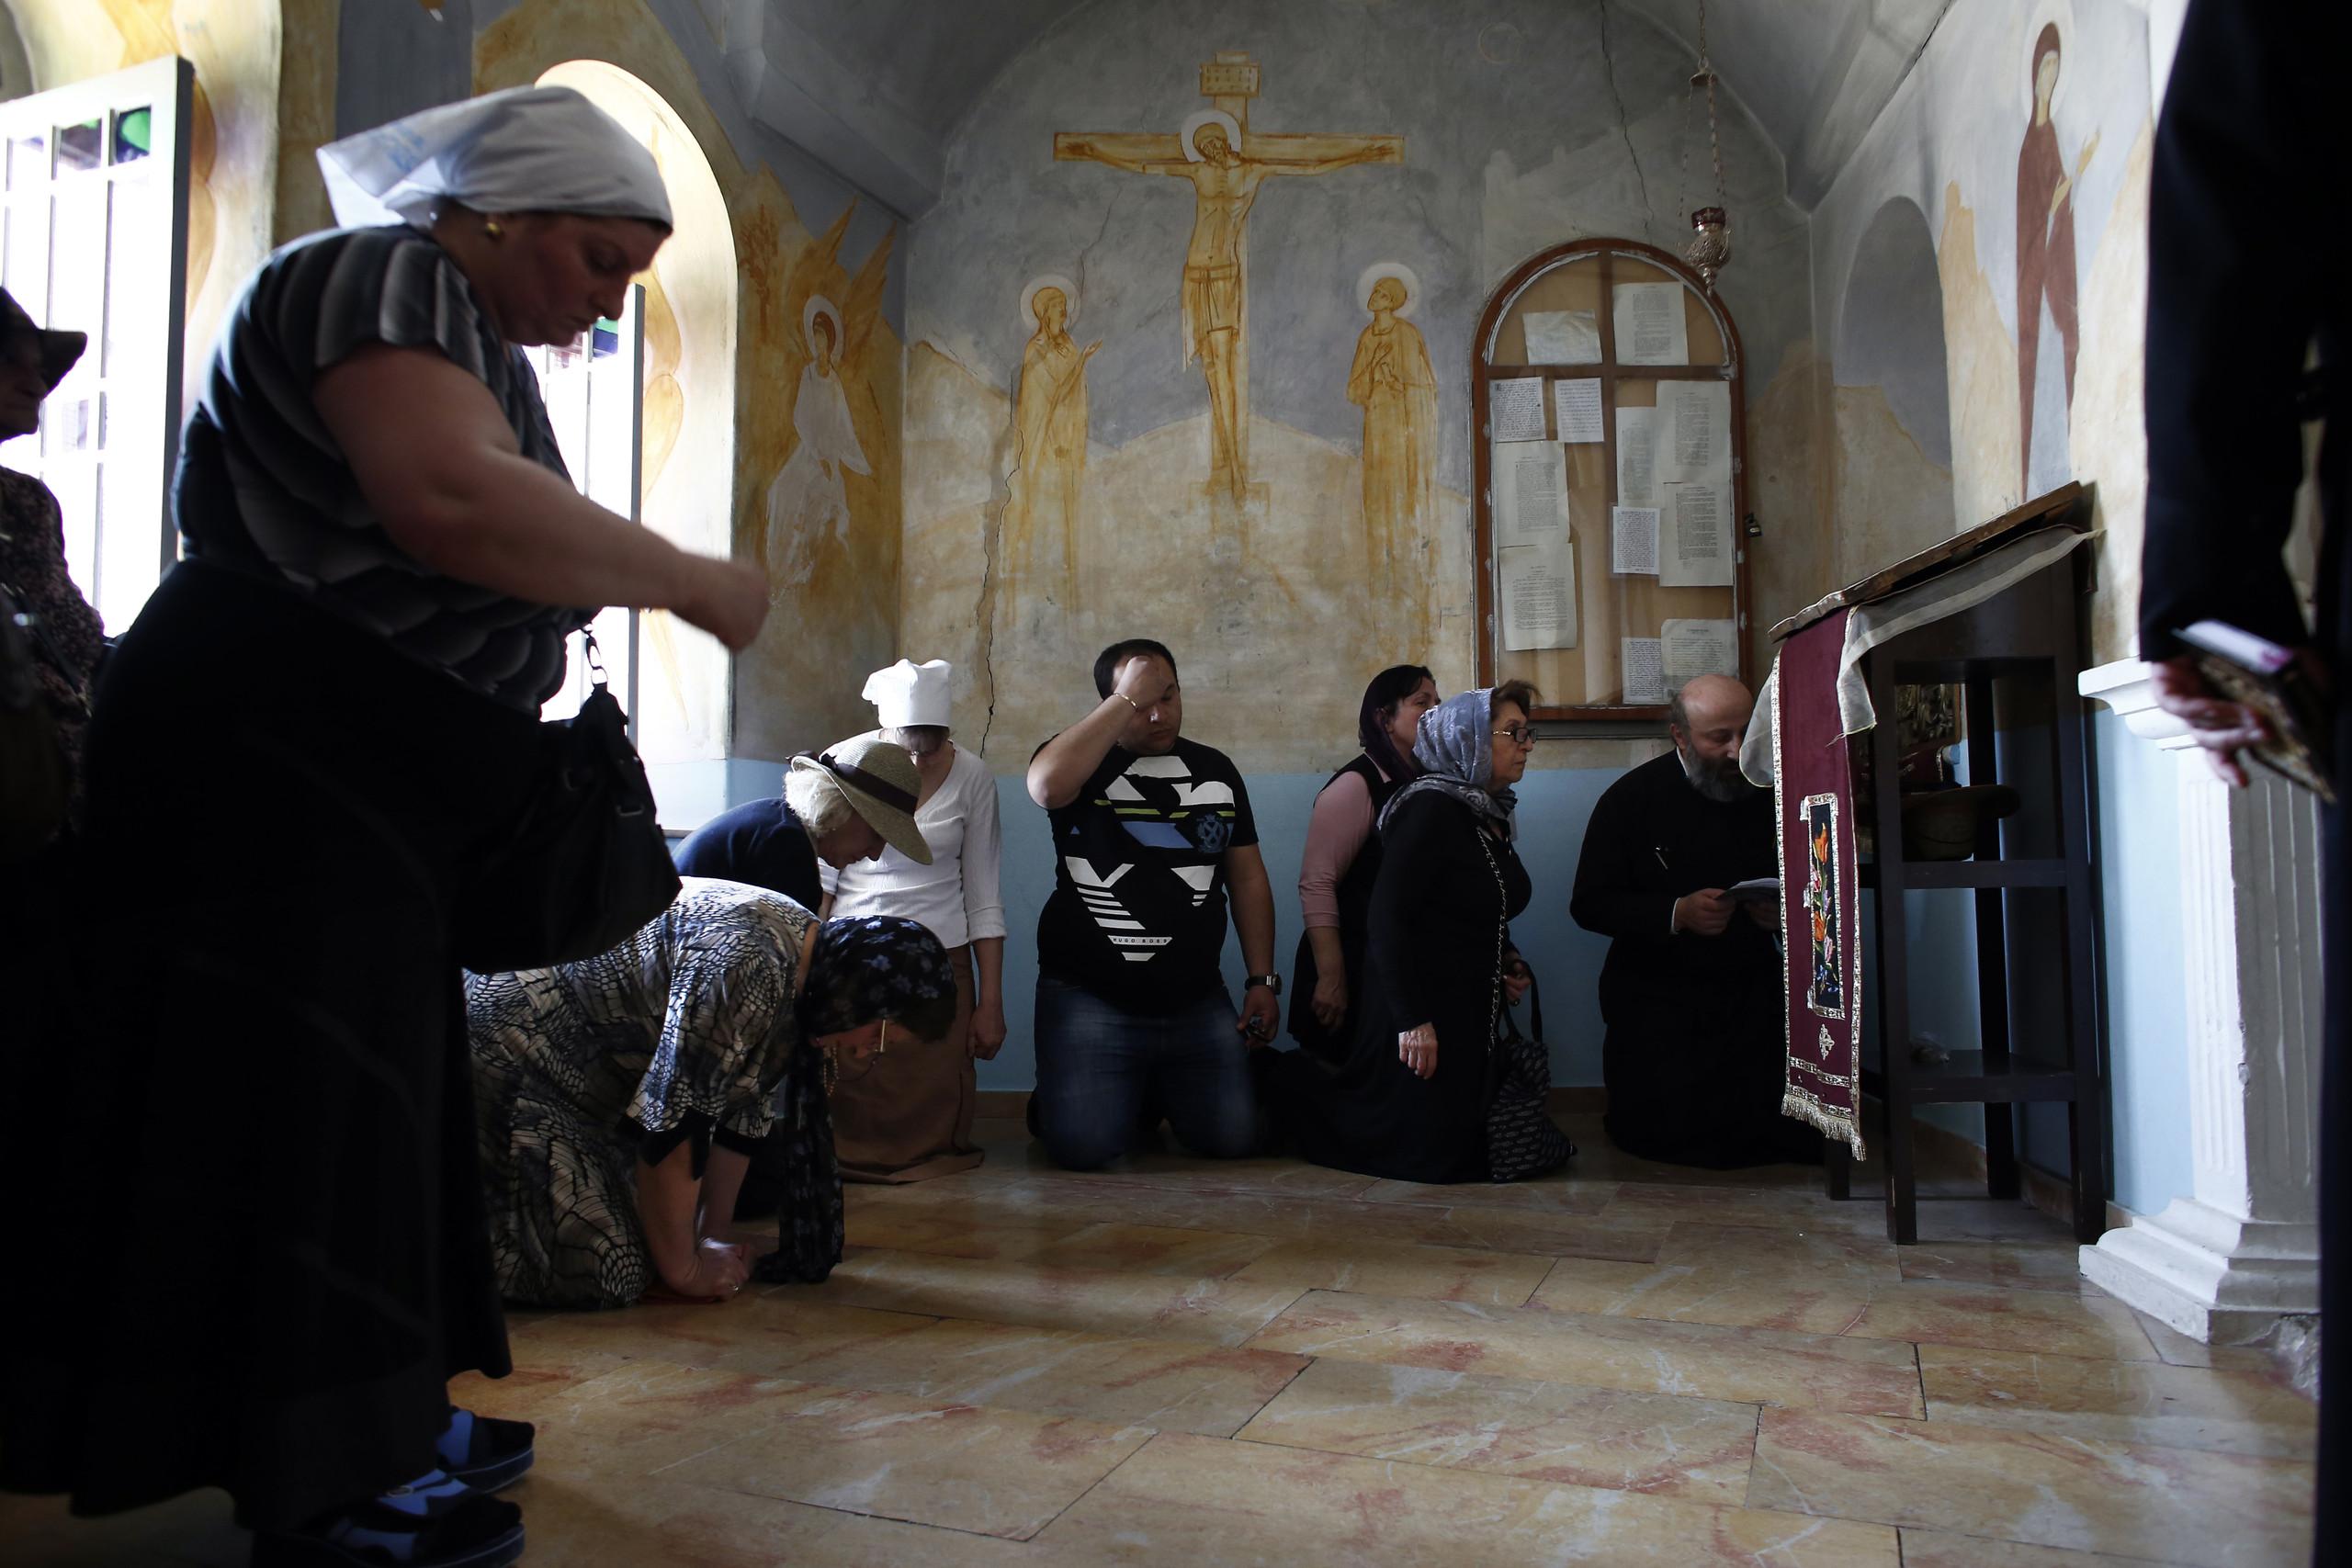 بالصور والفيديو - الدير الذي لجأ إليه المسيح بعد عماده في نهر الأردن وصام فيه 40 يومًا